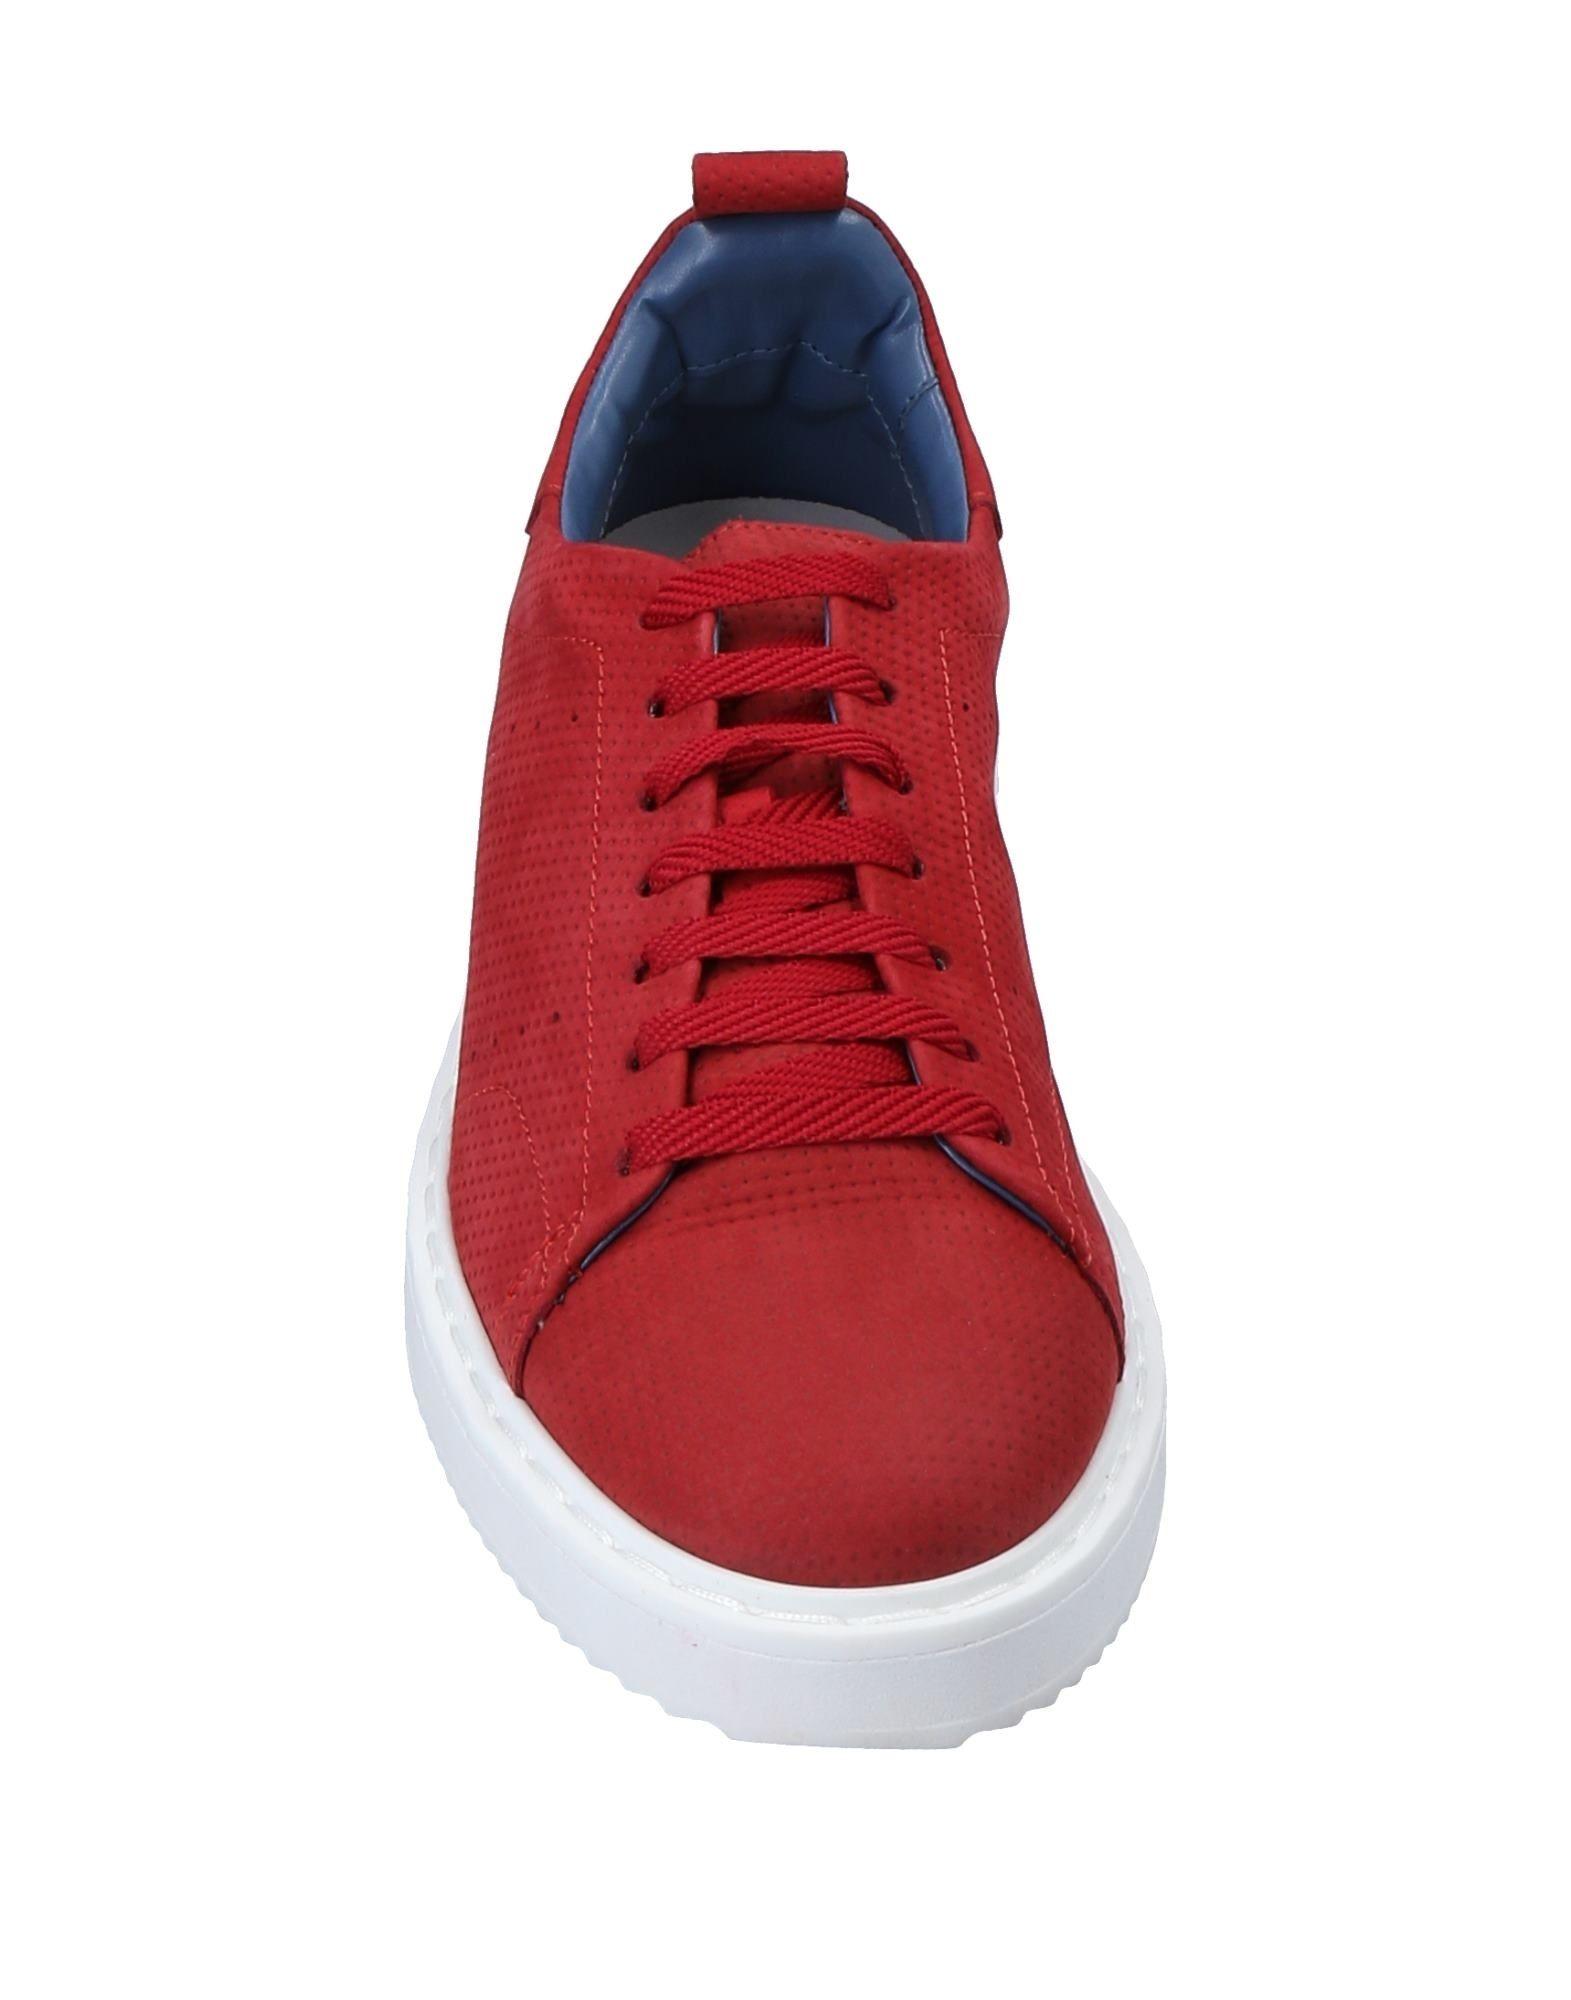 Rabatt echte Schuhe Antony Morato Sneakers Herren   Herren 11548894AD 57f506